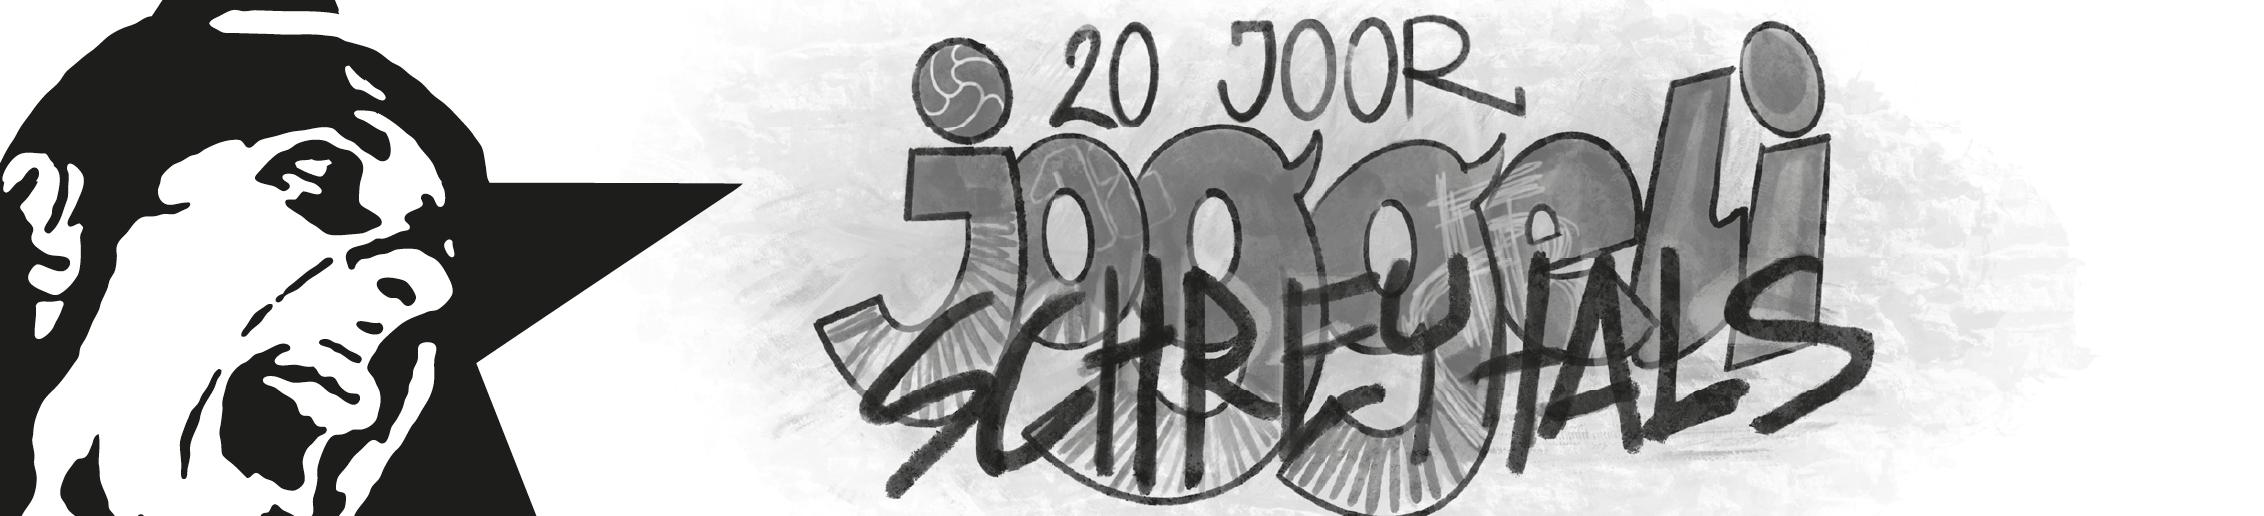 20 Joor Joggeli